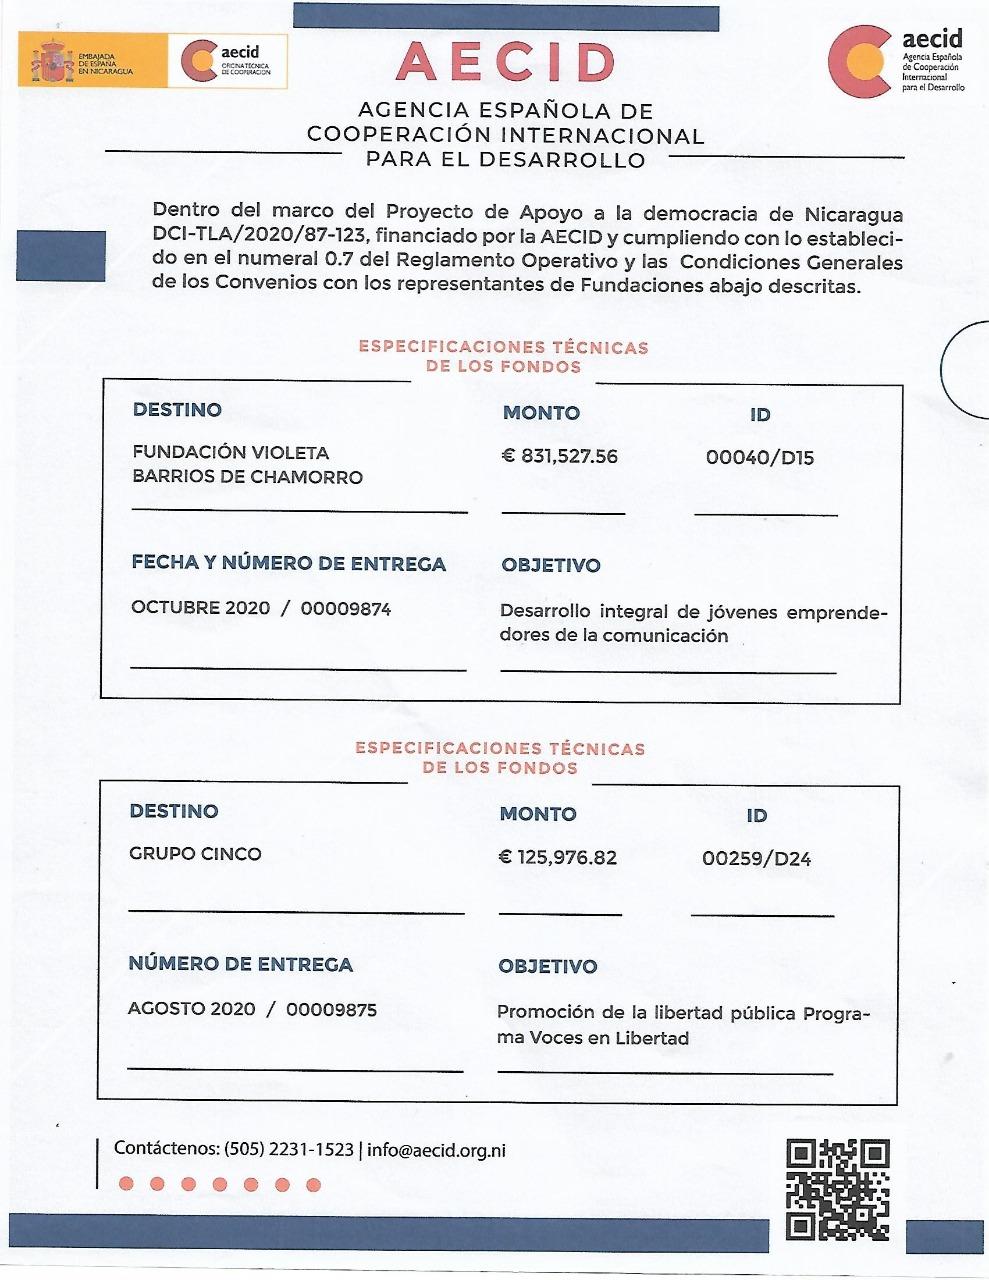 España financiación grupo CINCO Chamorro AECID